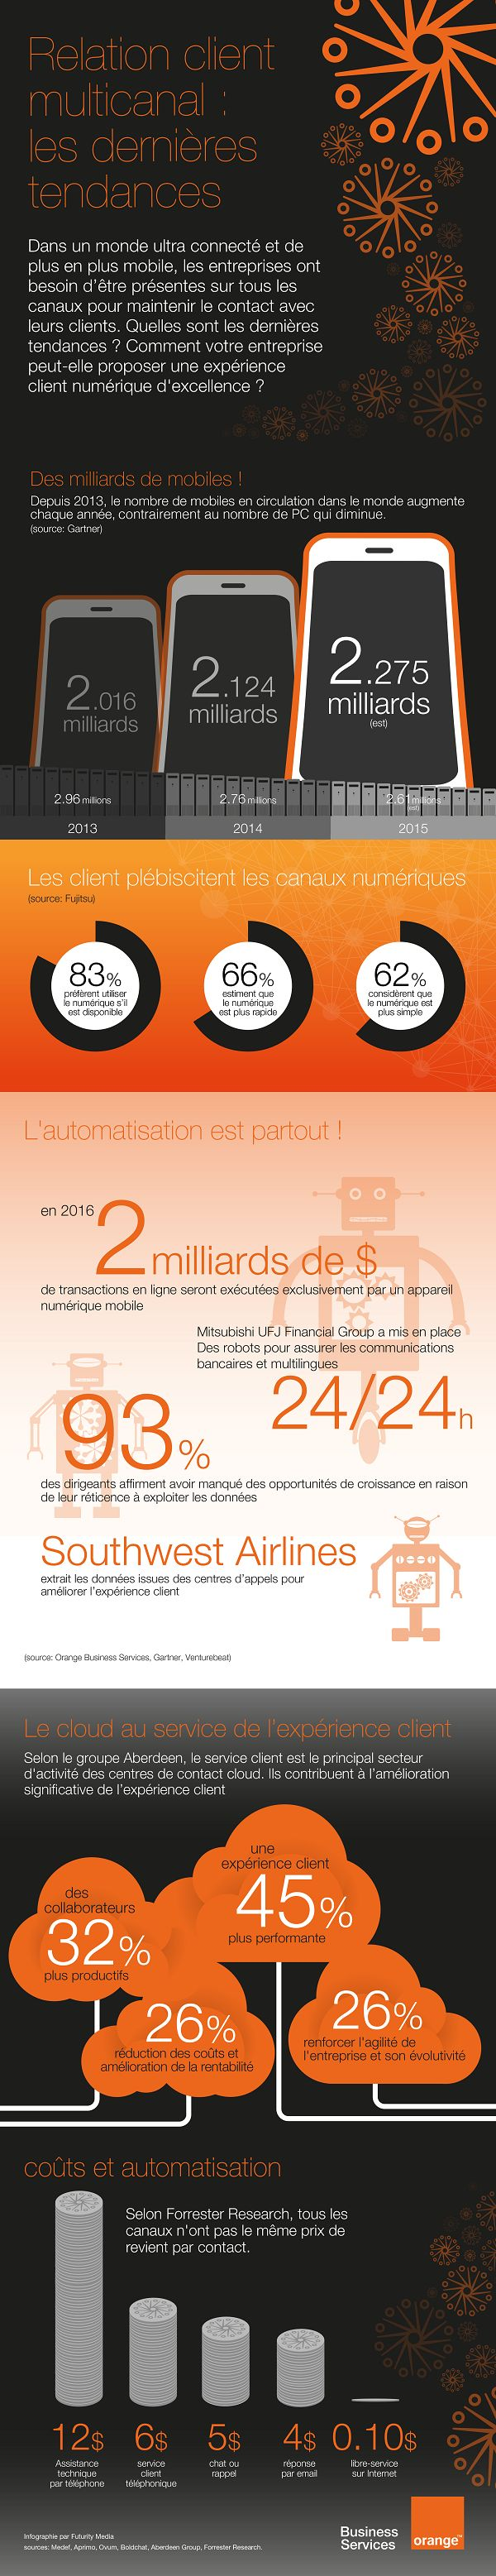 [infographie] relation client multicanal : les dernières tendances | Orange Business Services